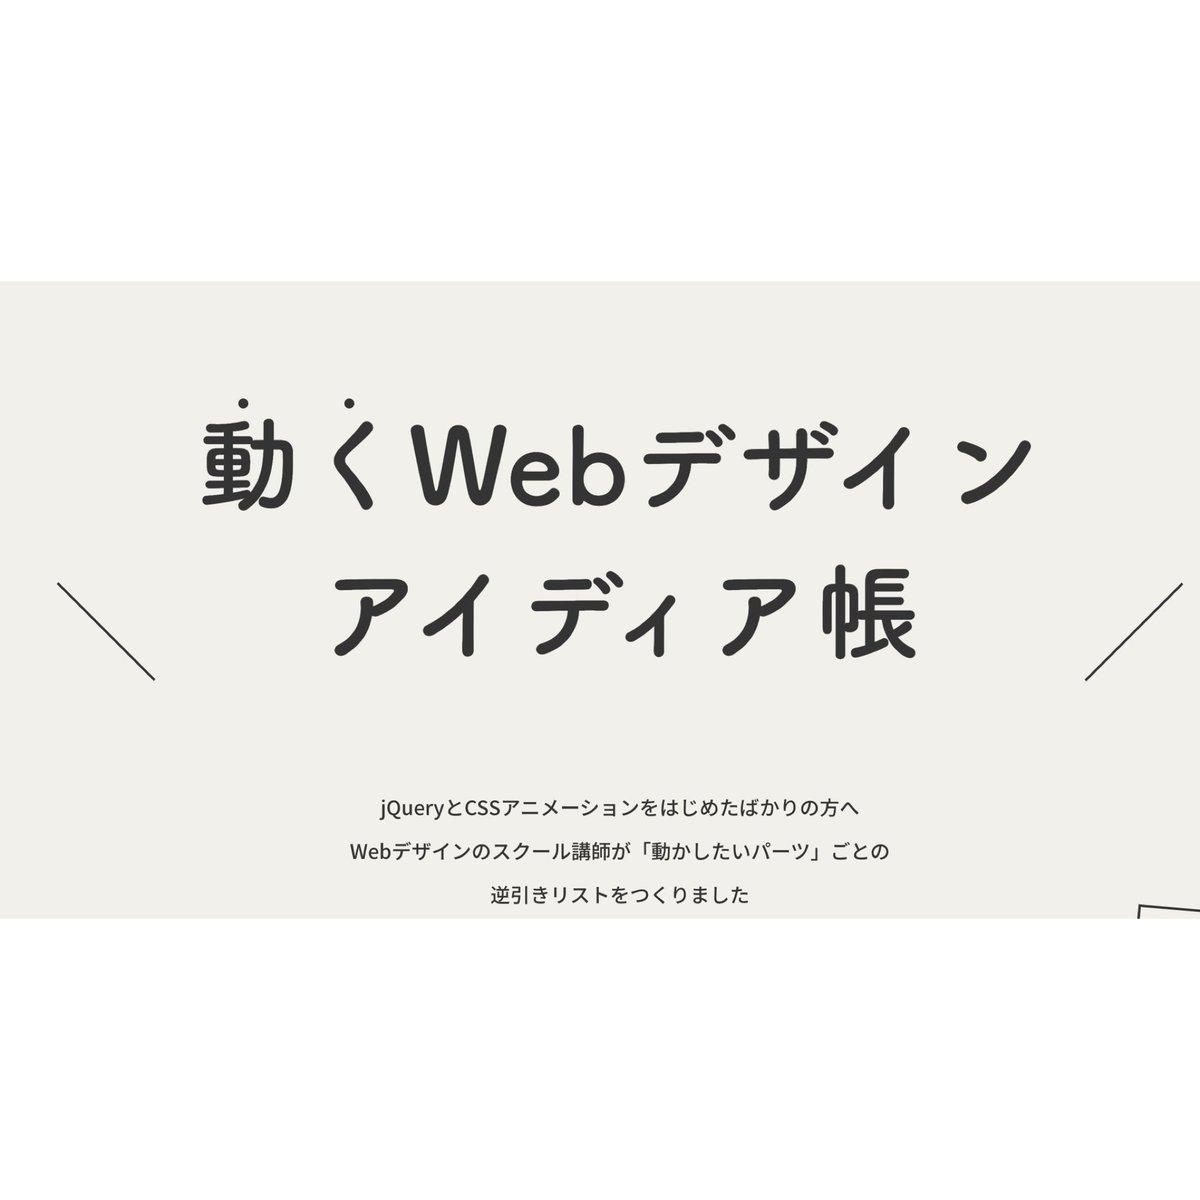 web制作の頻出の実装が紹介されている『動くwebデザインアイディア帳』。『アコーディオン, モーダル, 検索欄』など必須機能が網羅している。学習中の人にもおすすめ。